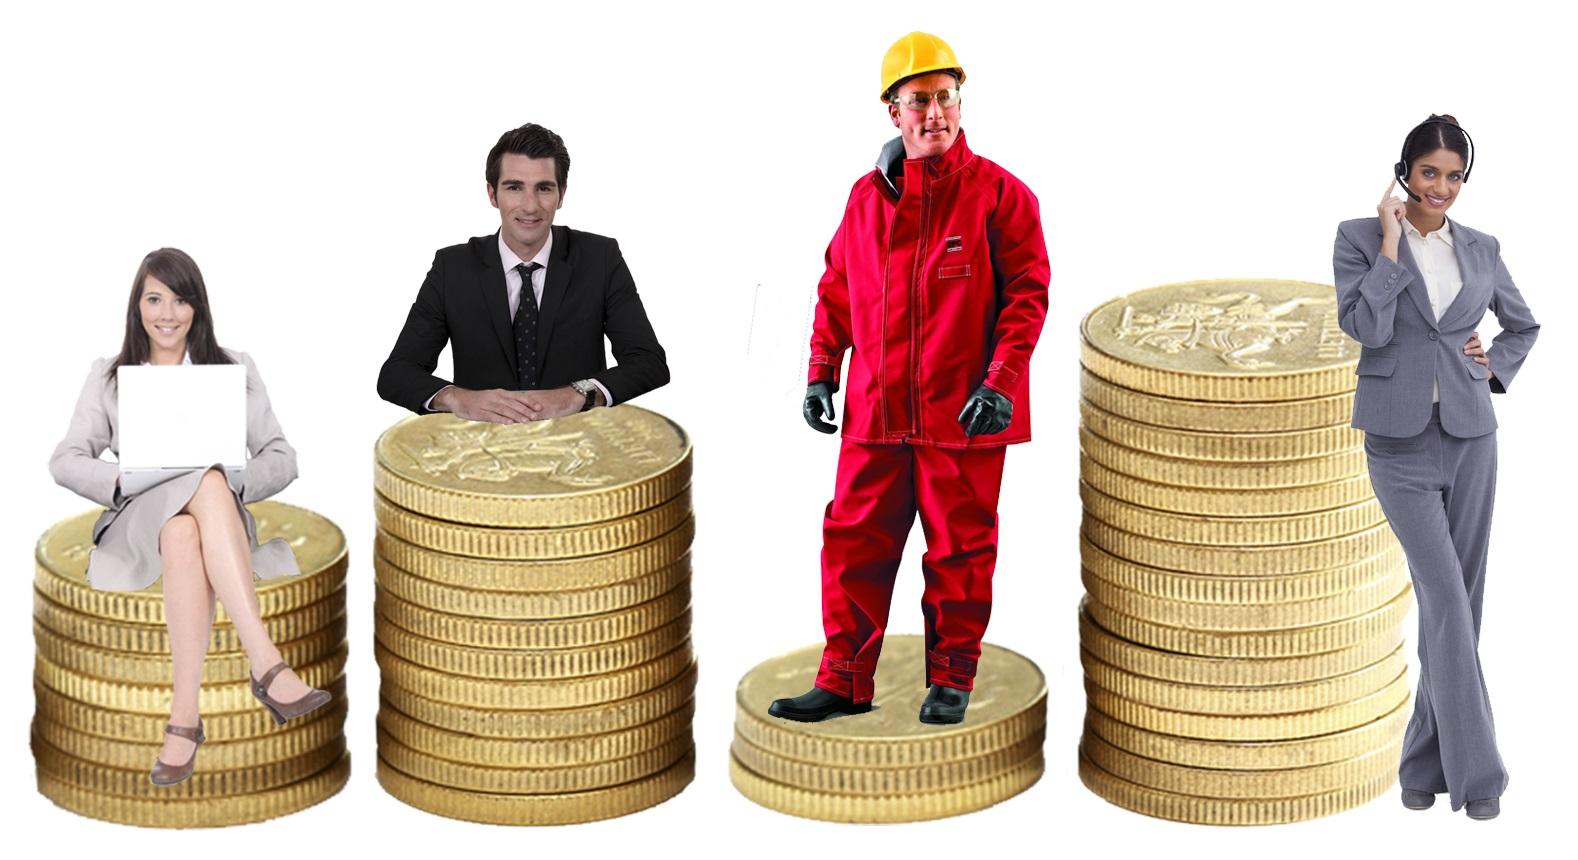 Condiciones económicas determinarán los salarios en México